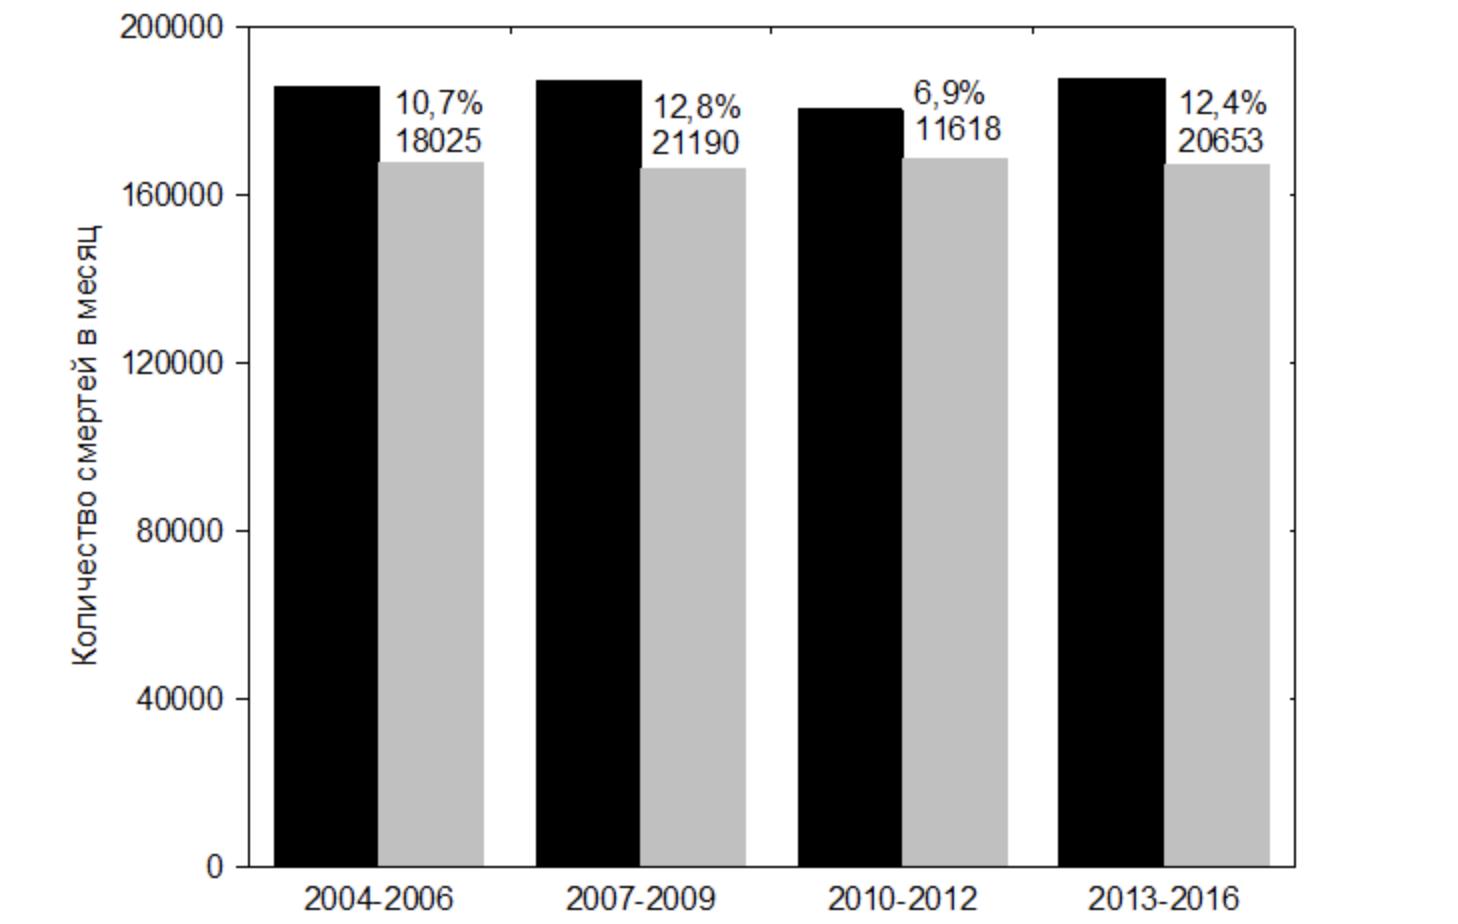 Соотношение среднего количества смертей в январе (чёрные столбцы) с остальными месяцами (серые столбцы). Числа на графике — разность показателей января и остальных месяцев по количеству смертей и в процентах к остальным месяцам.